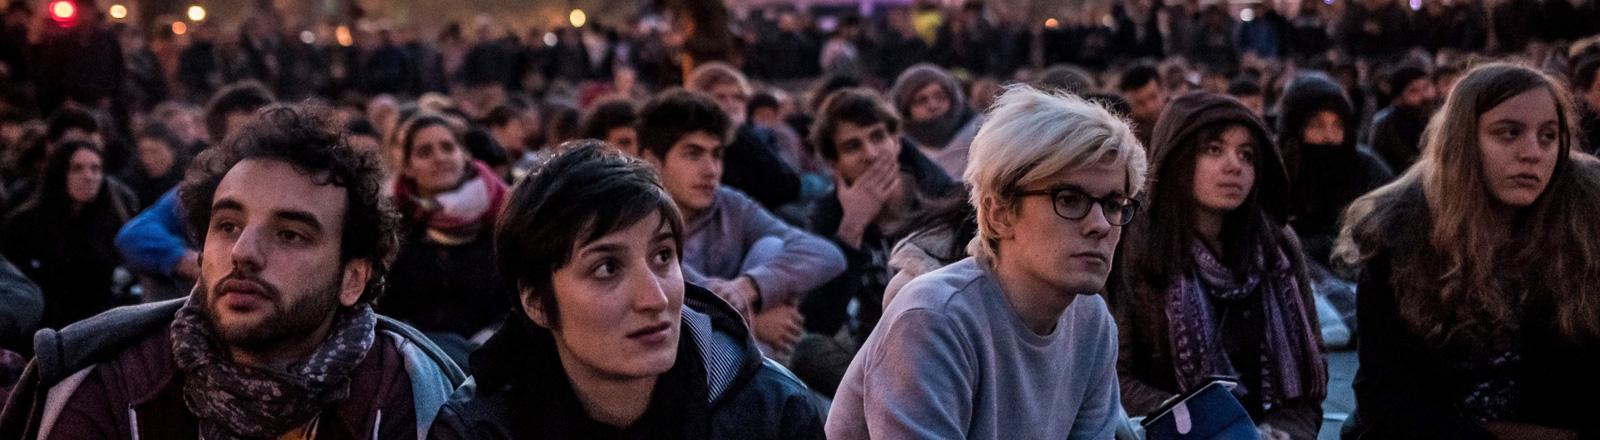 Ein Sitzstreik in Paris am 1. Mai 2016. Viele junge Menschen sitzen nebeneinander auf dem Platz der Republik; Foto: dpa